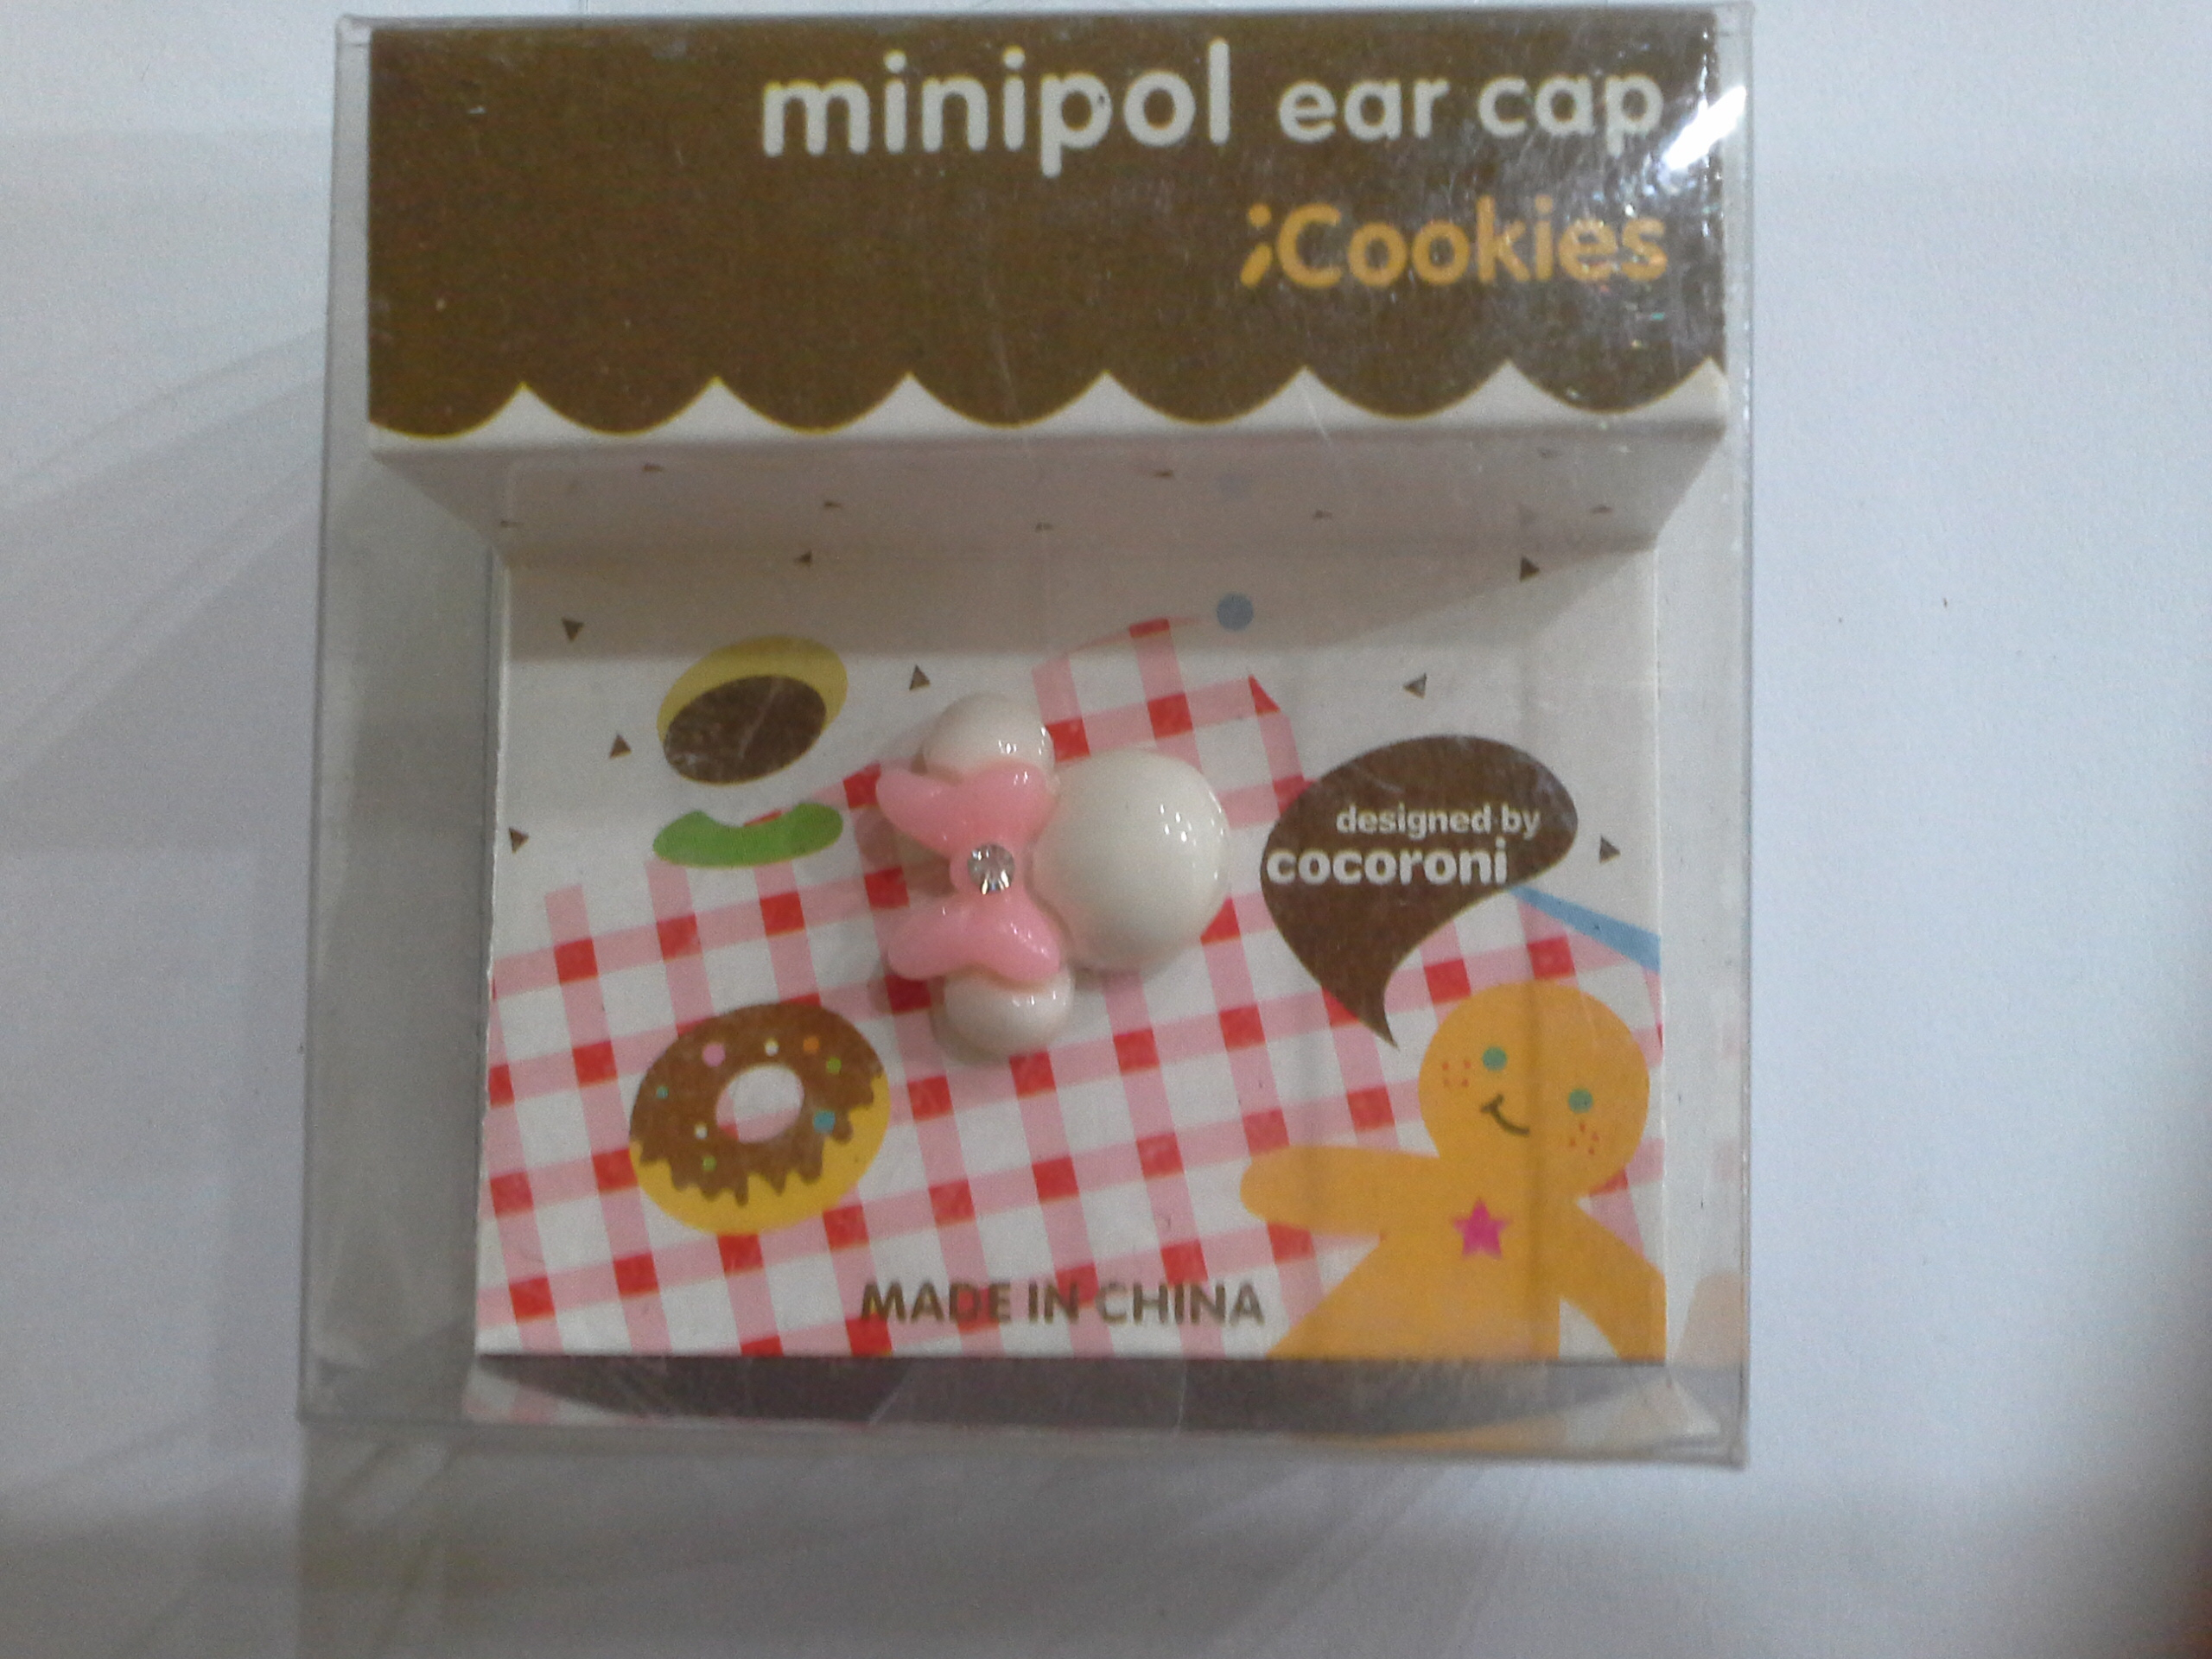 จุกเสียบ Minipol ear cap Cookies แบบ 1